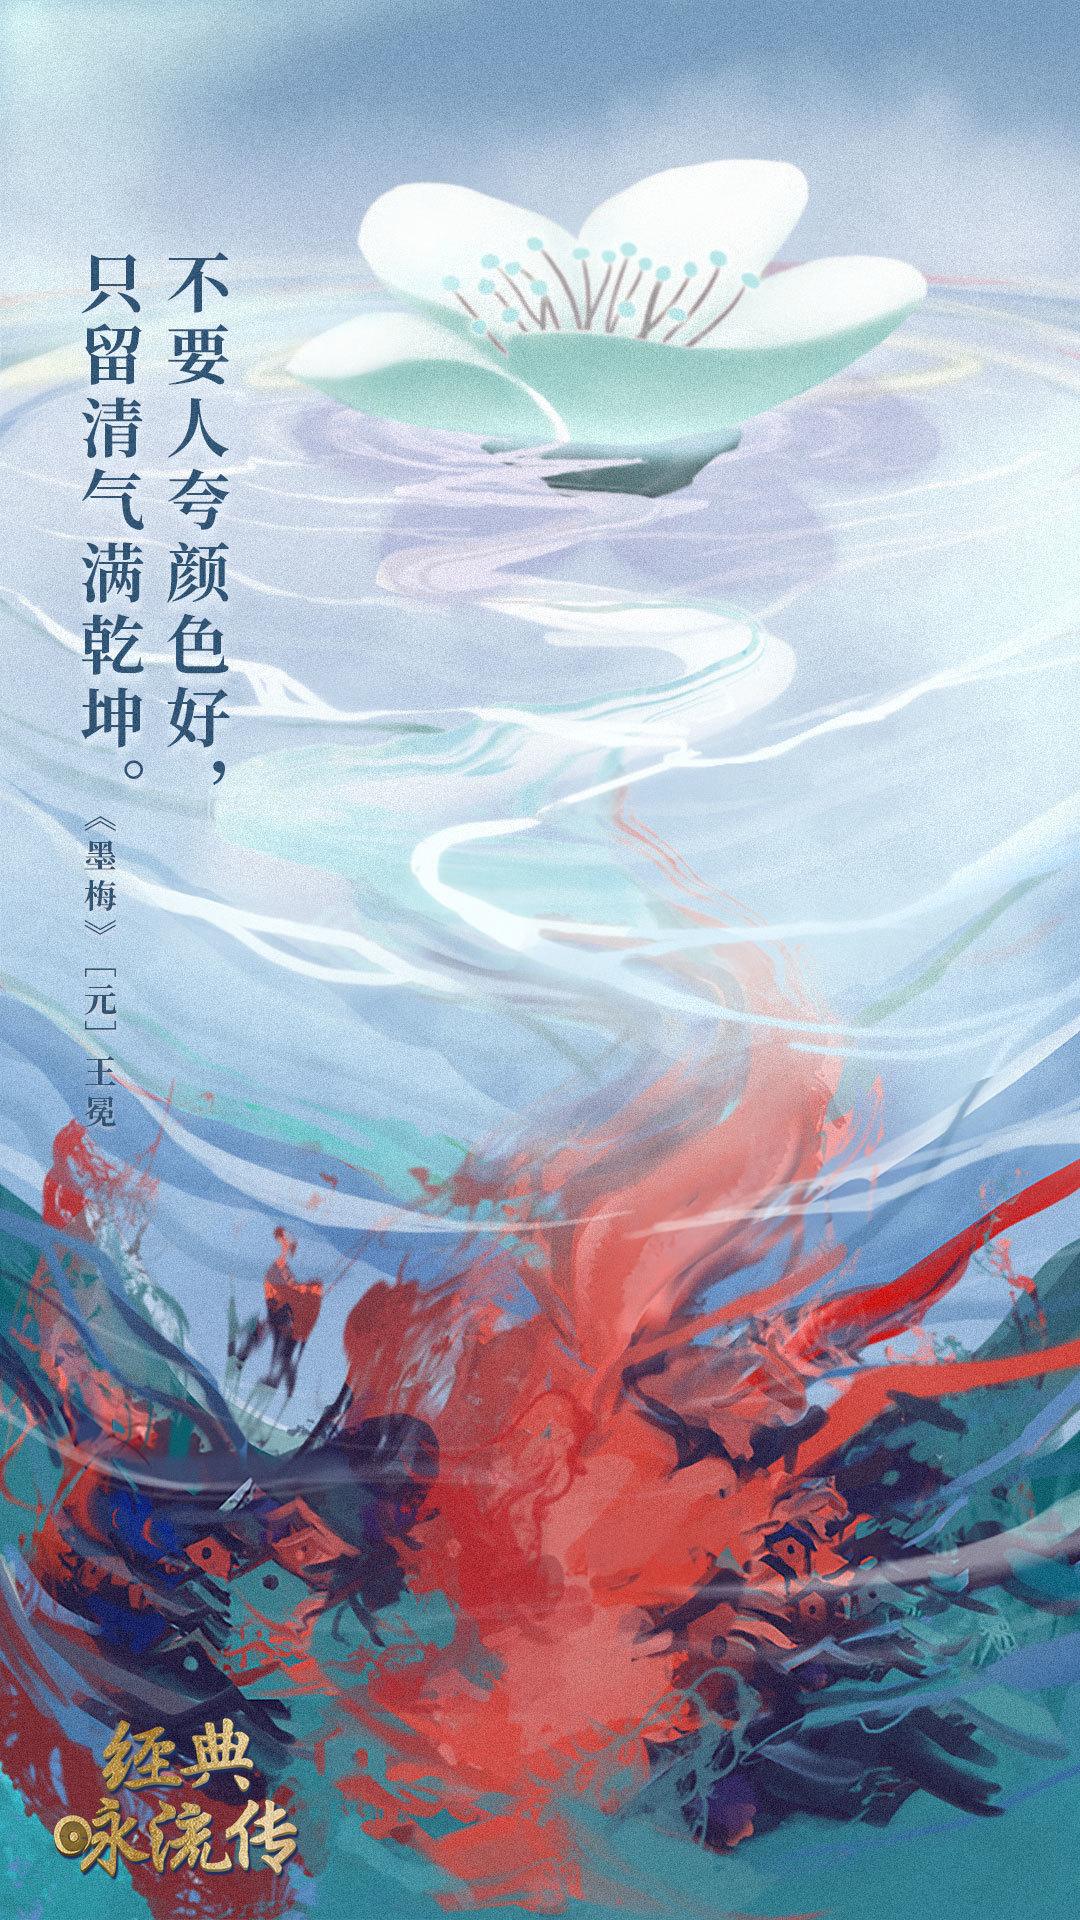 《经典咏流传》诗词意境海报合集 欣赏-第19张